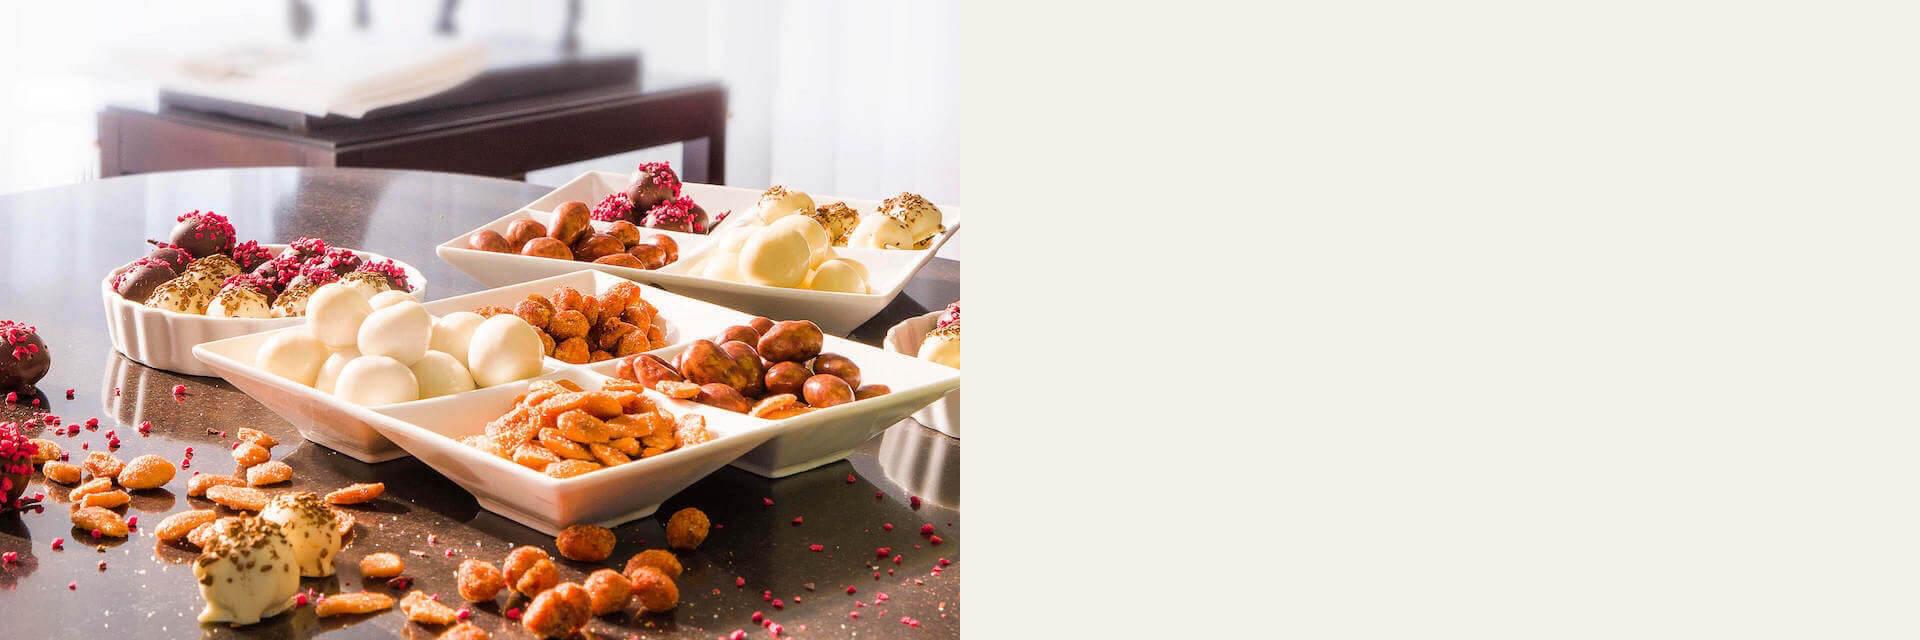 Wir verpacken Delikatessen kurz vor dem Versand, um einen sauberen und intensiven Geschmack zu erhalten. | FruTree